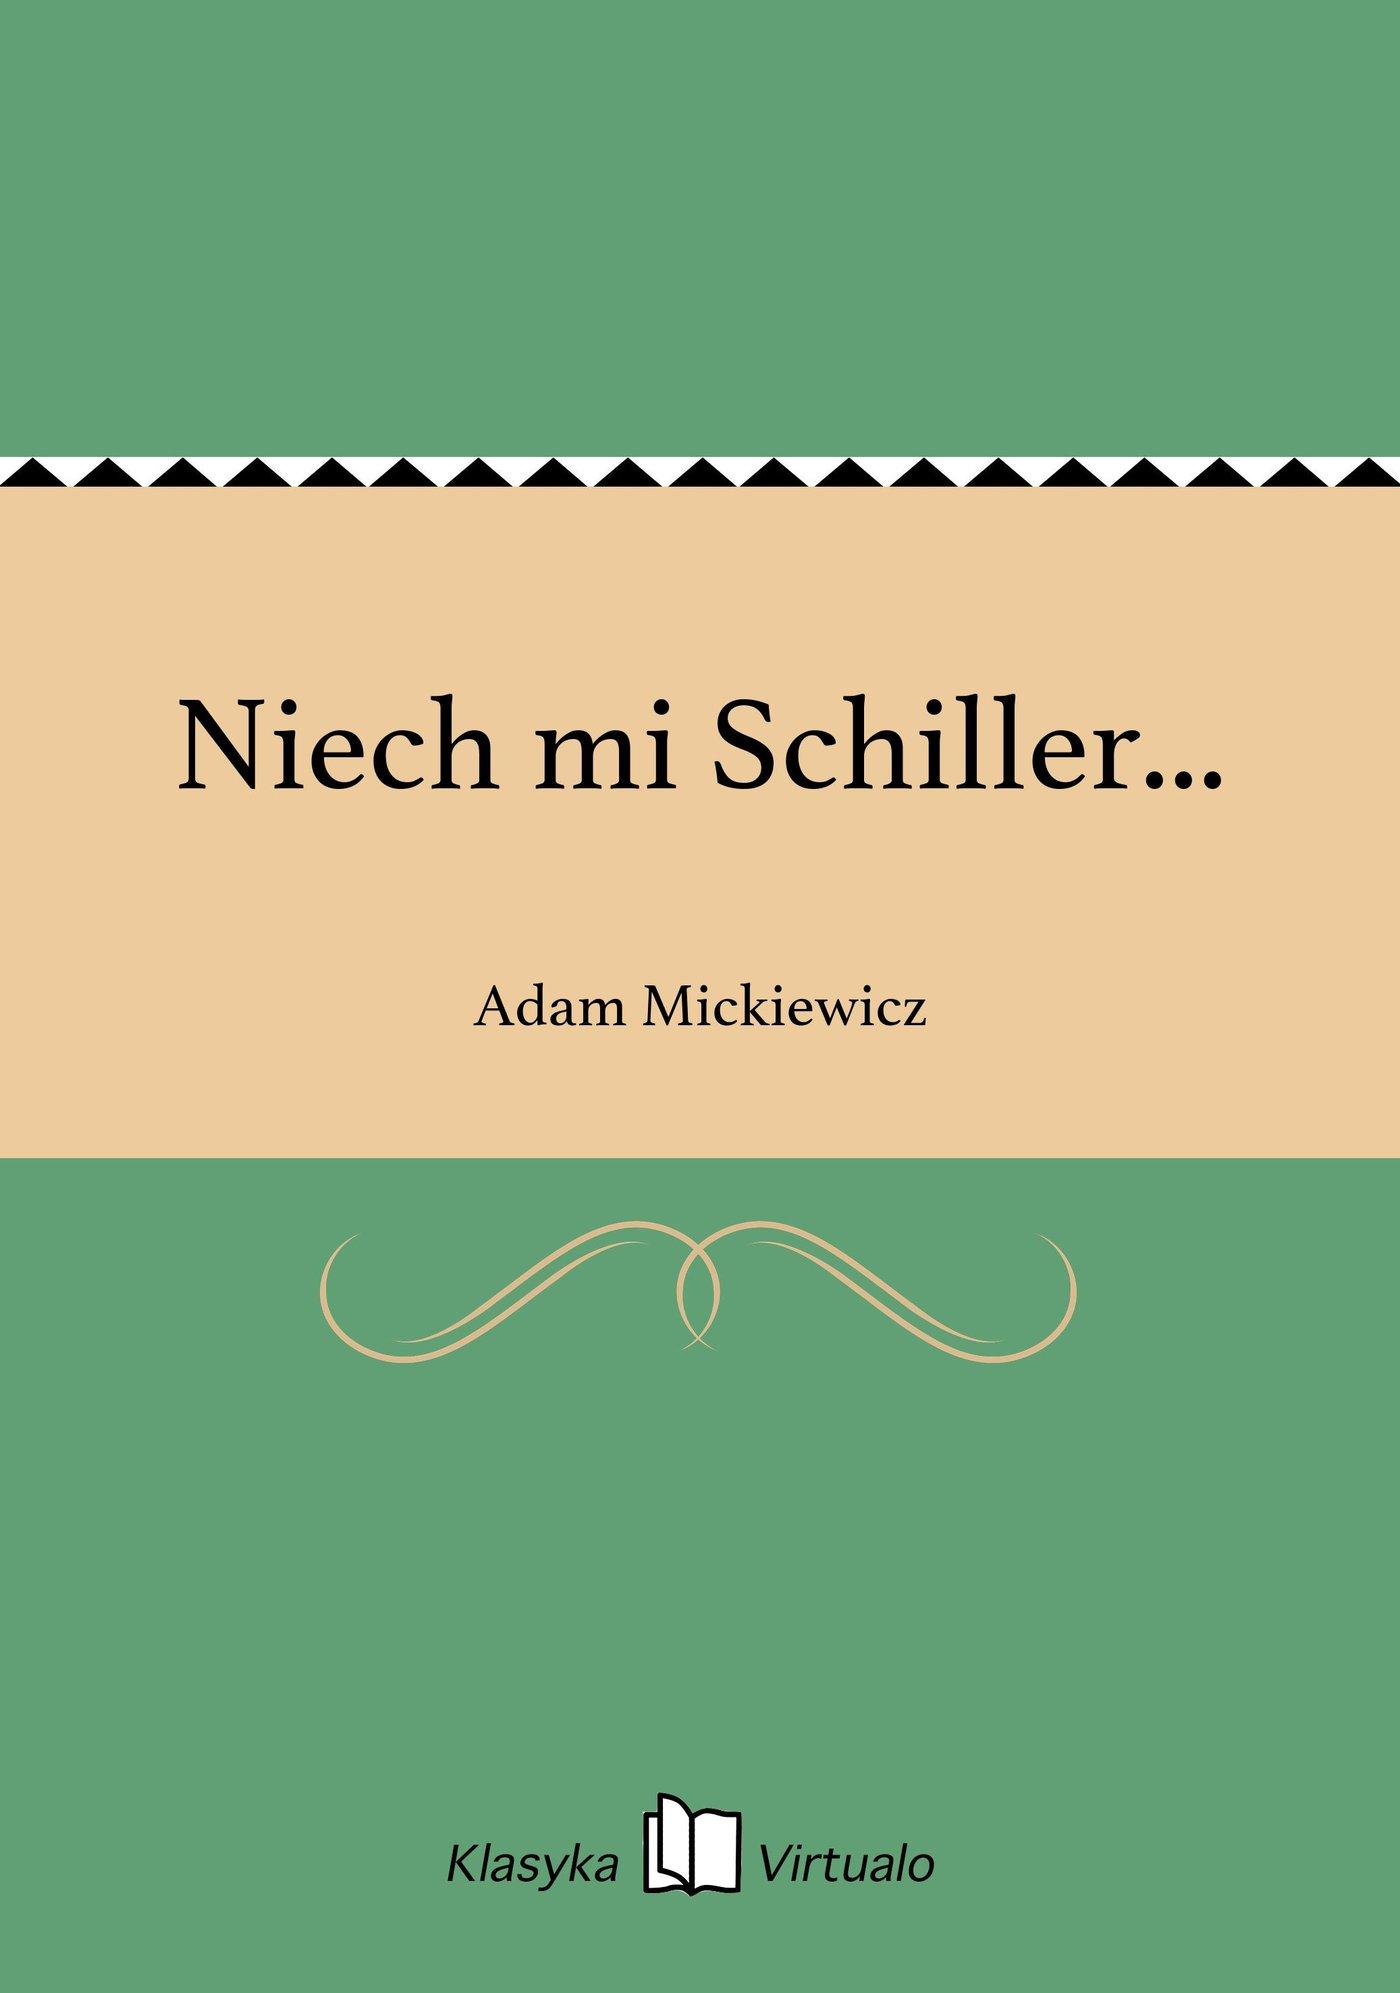 Niech mi Schiller... - Ebook (Książka EPUB) do pobrania w formacie EPUB